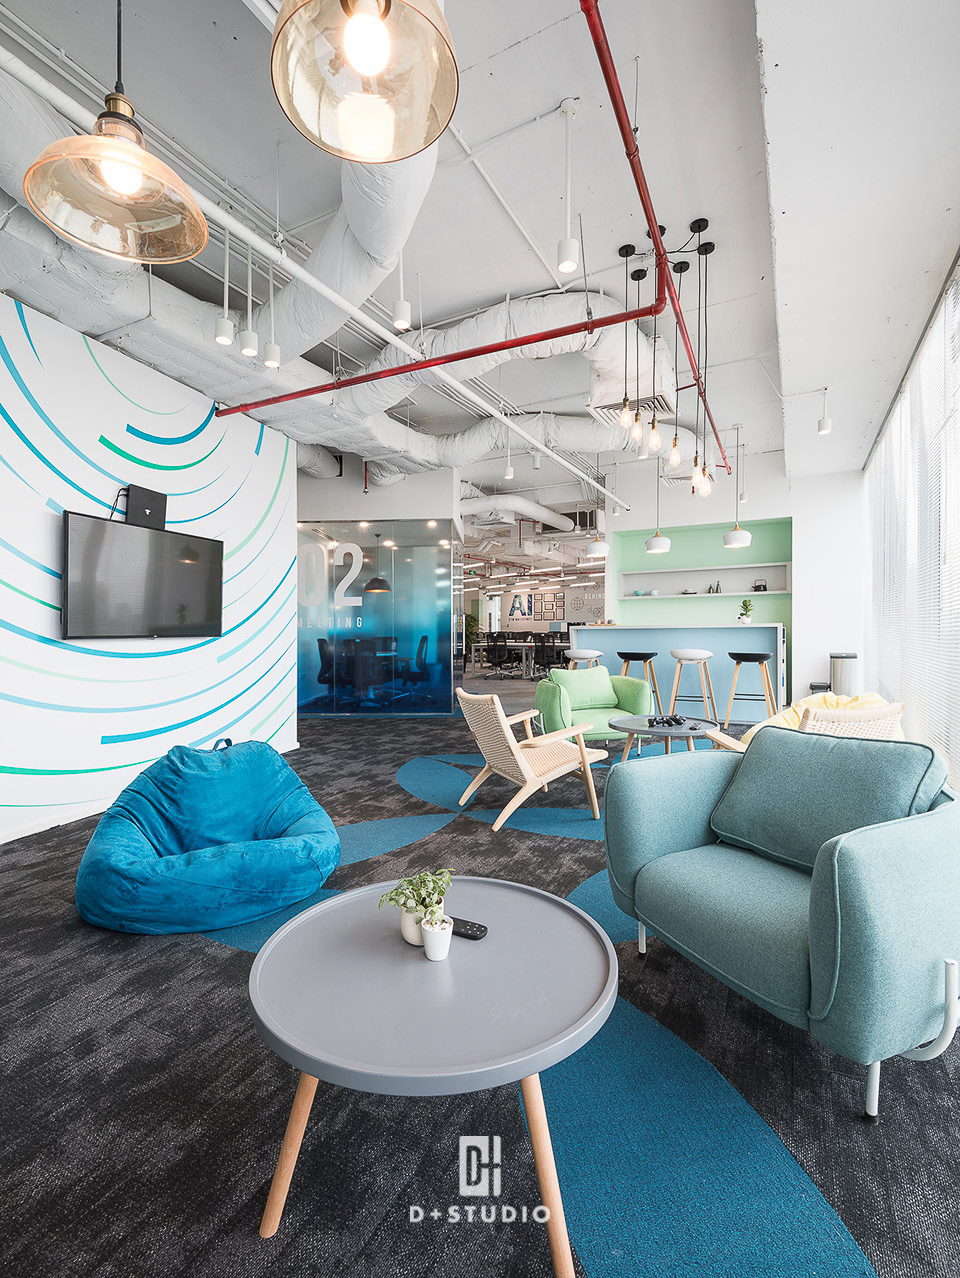 Khu vực nghỉ ngơi và pantry của Cinamon mang đến cảm giác thư giãn với tông màu xanh dương sử dụng linh hoạt trên tường, ghế, thảm và quầy bar